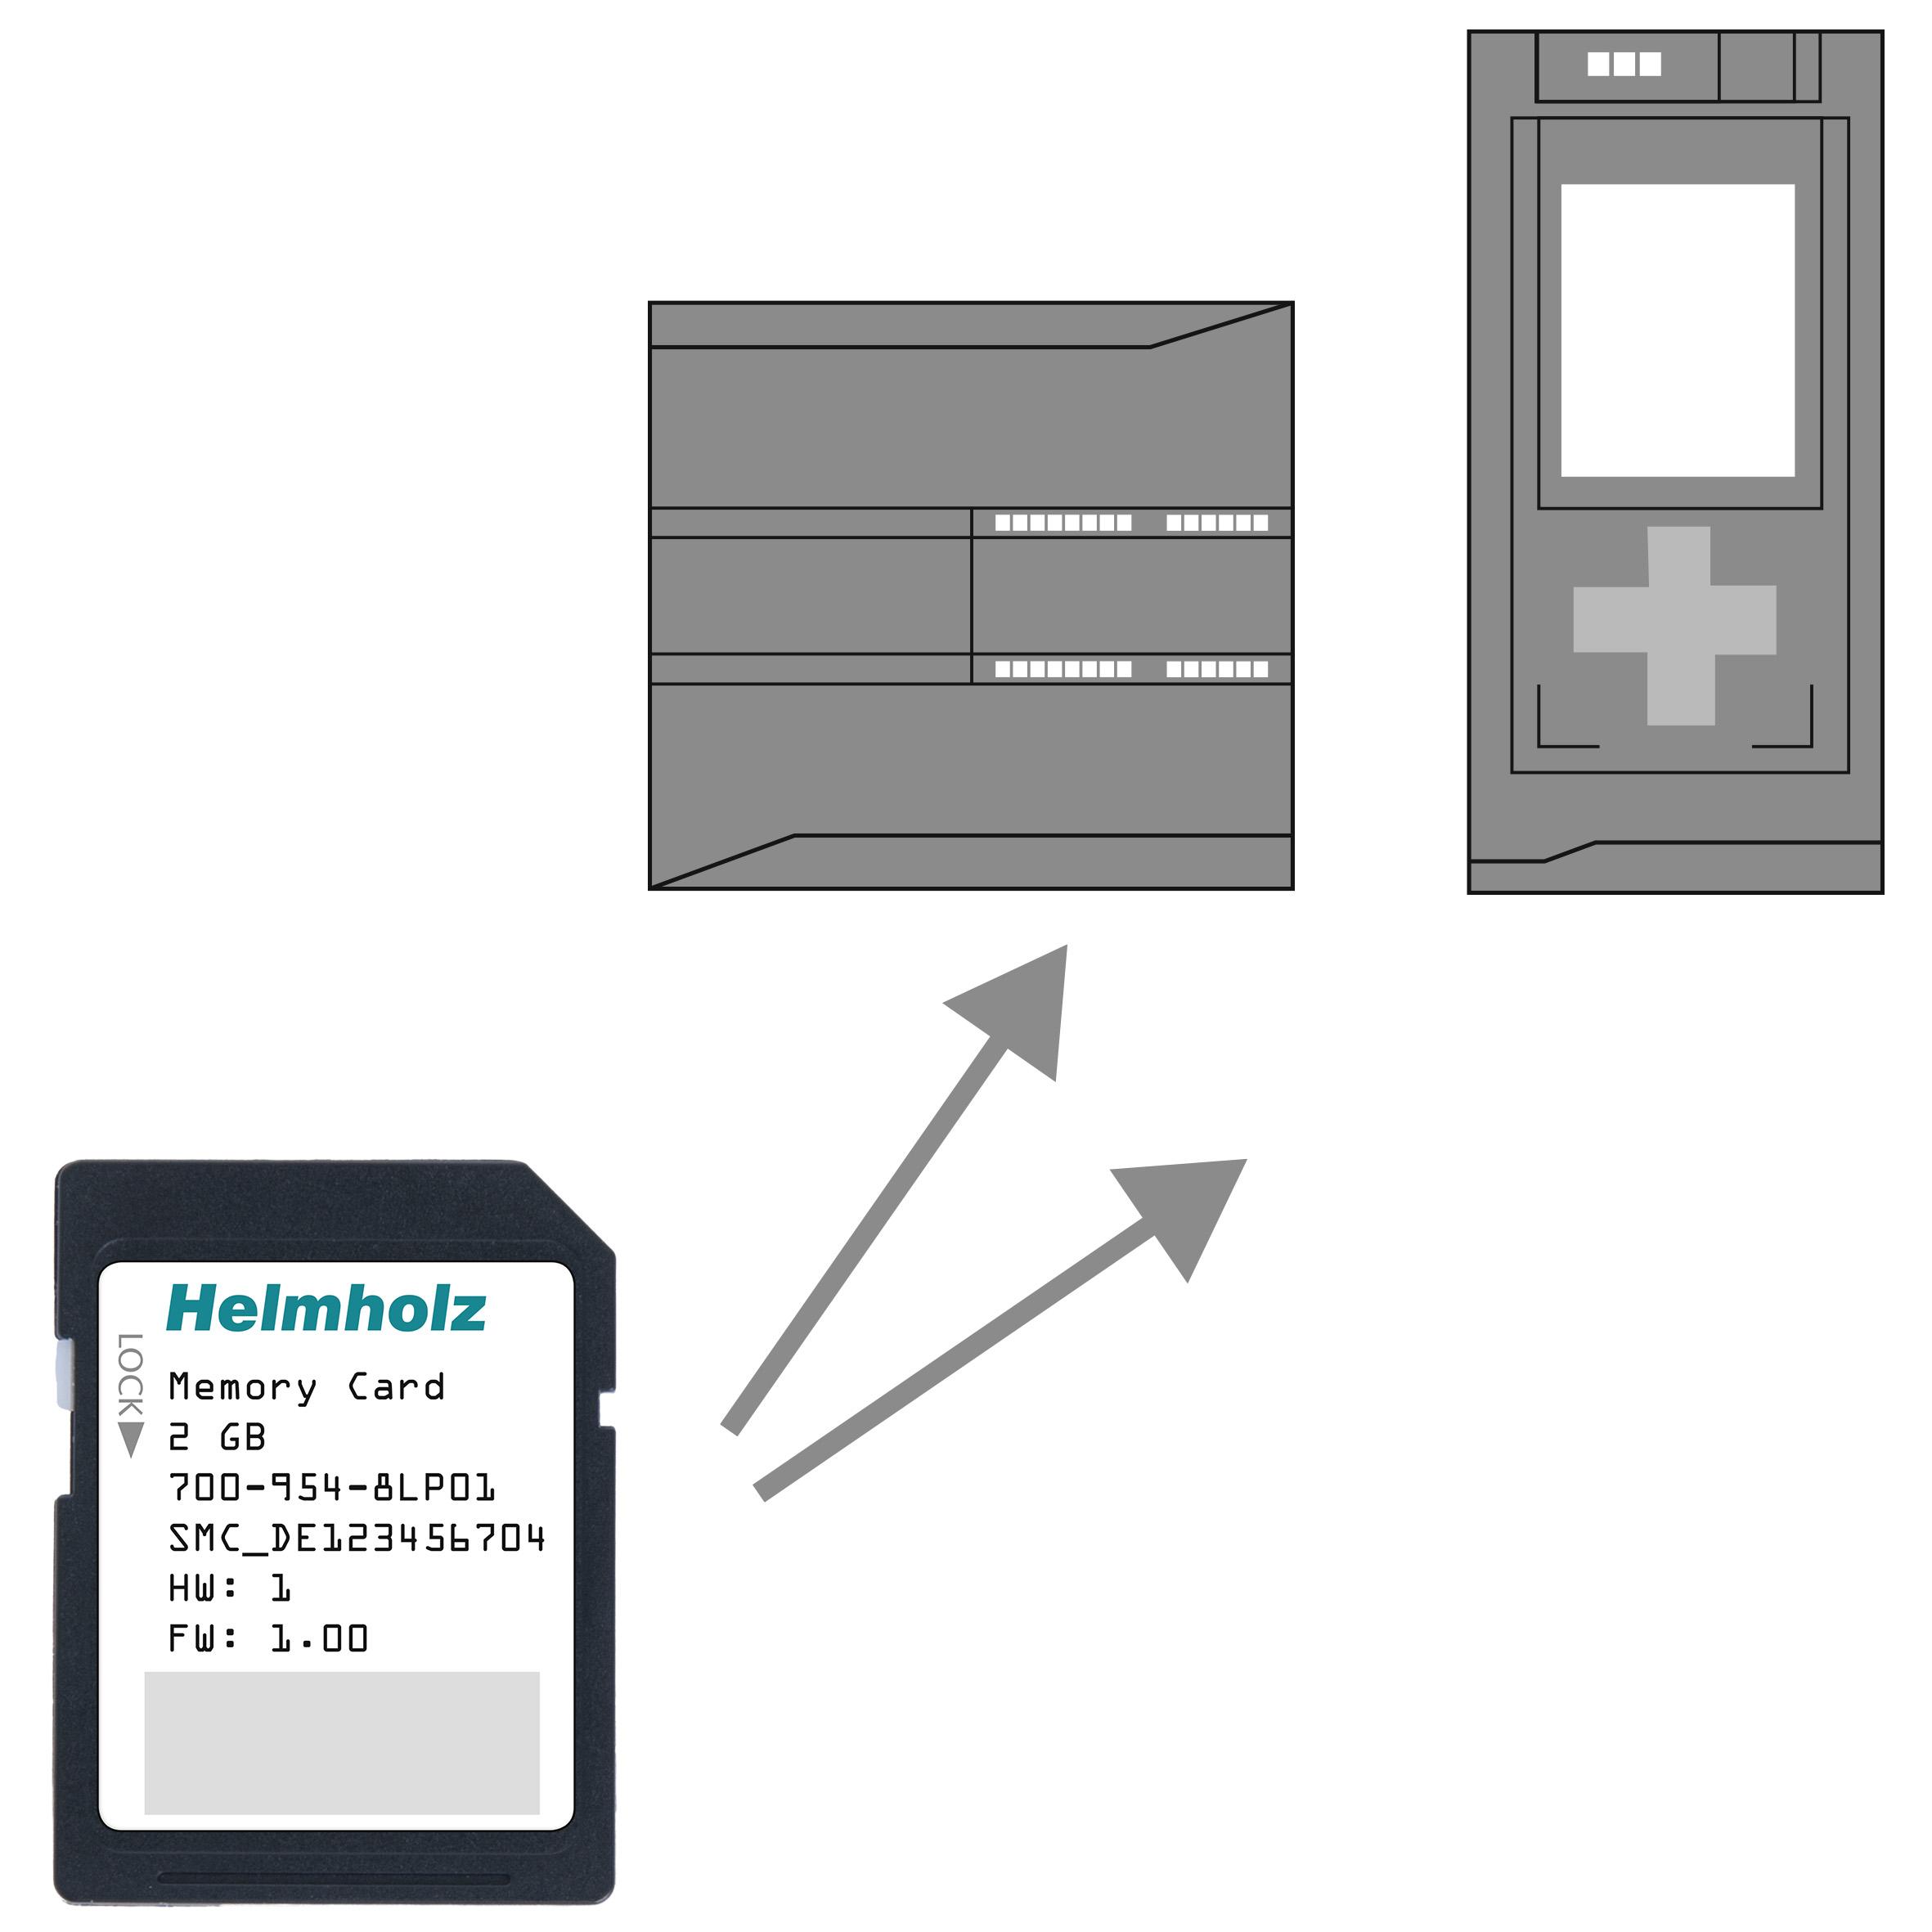 Memory Cards für S7-1500 und S7-1200